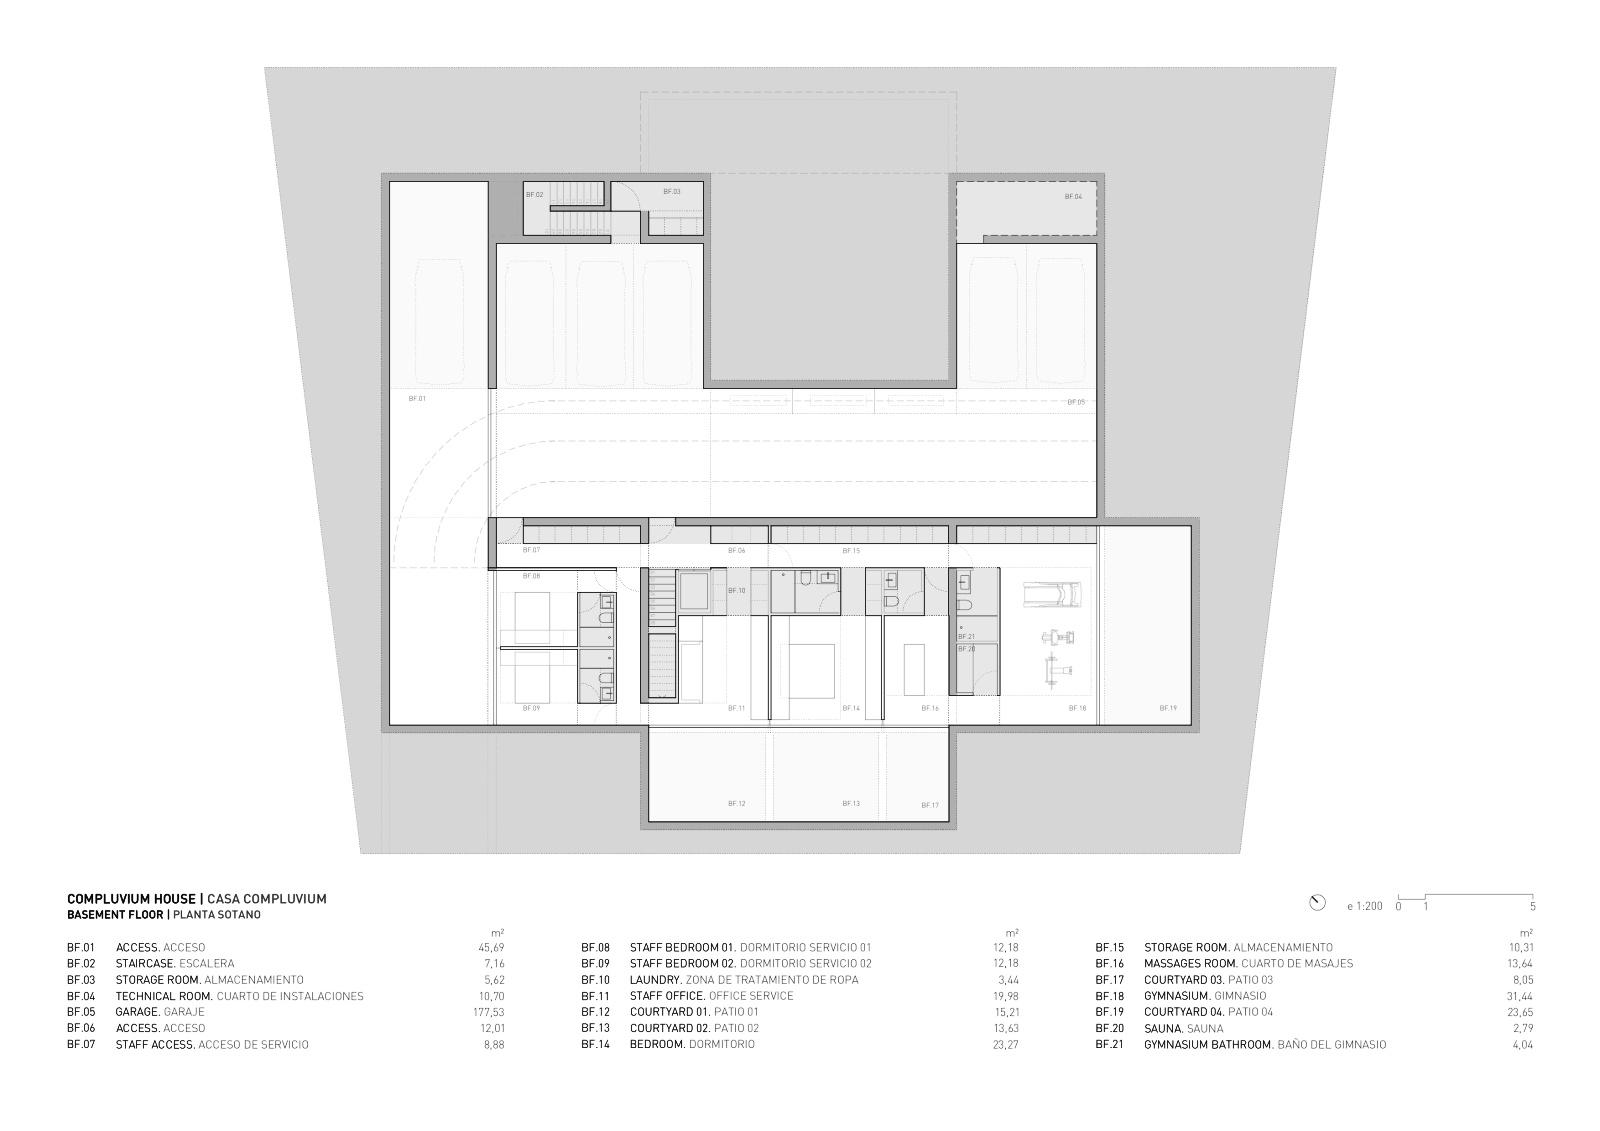 Compluvium House